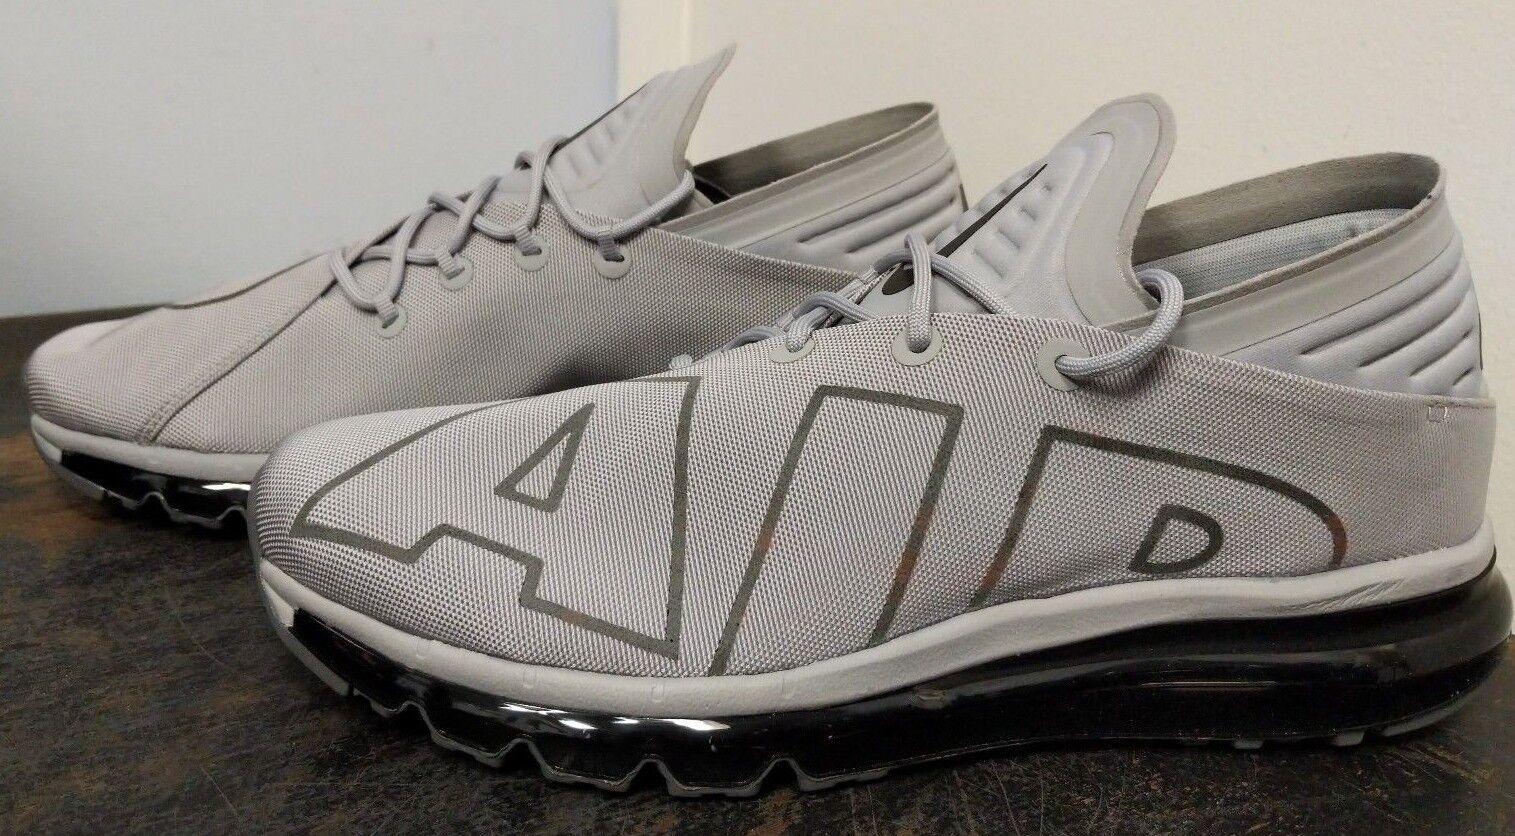 nike air max flair se aa408-002 nouvelles loup chaussures de course loup nouvelles gris - noir 1 hommes a1968e